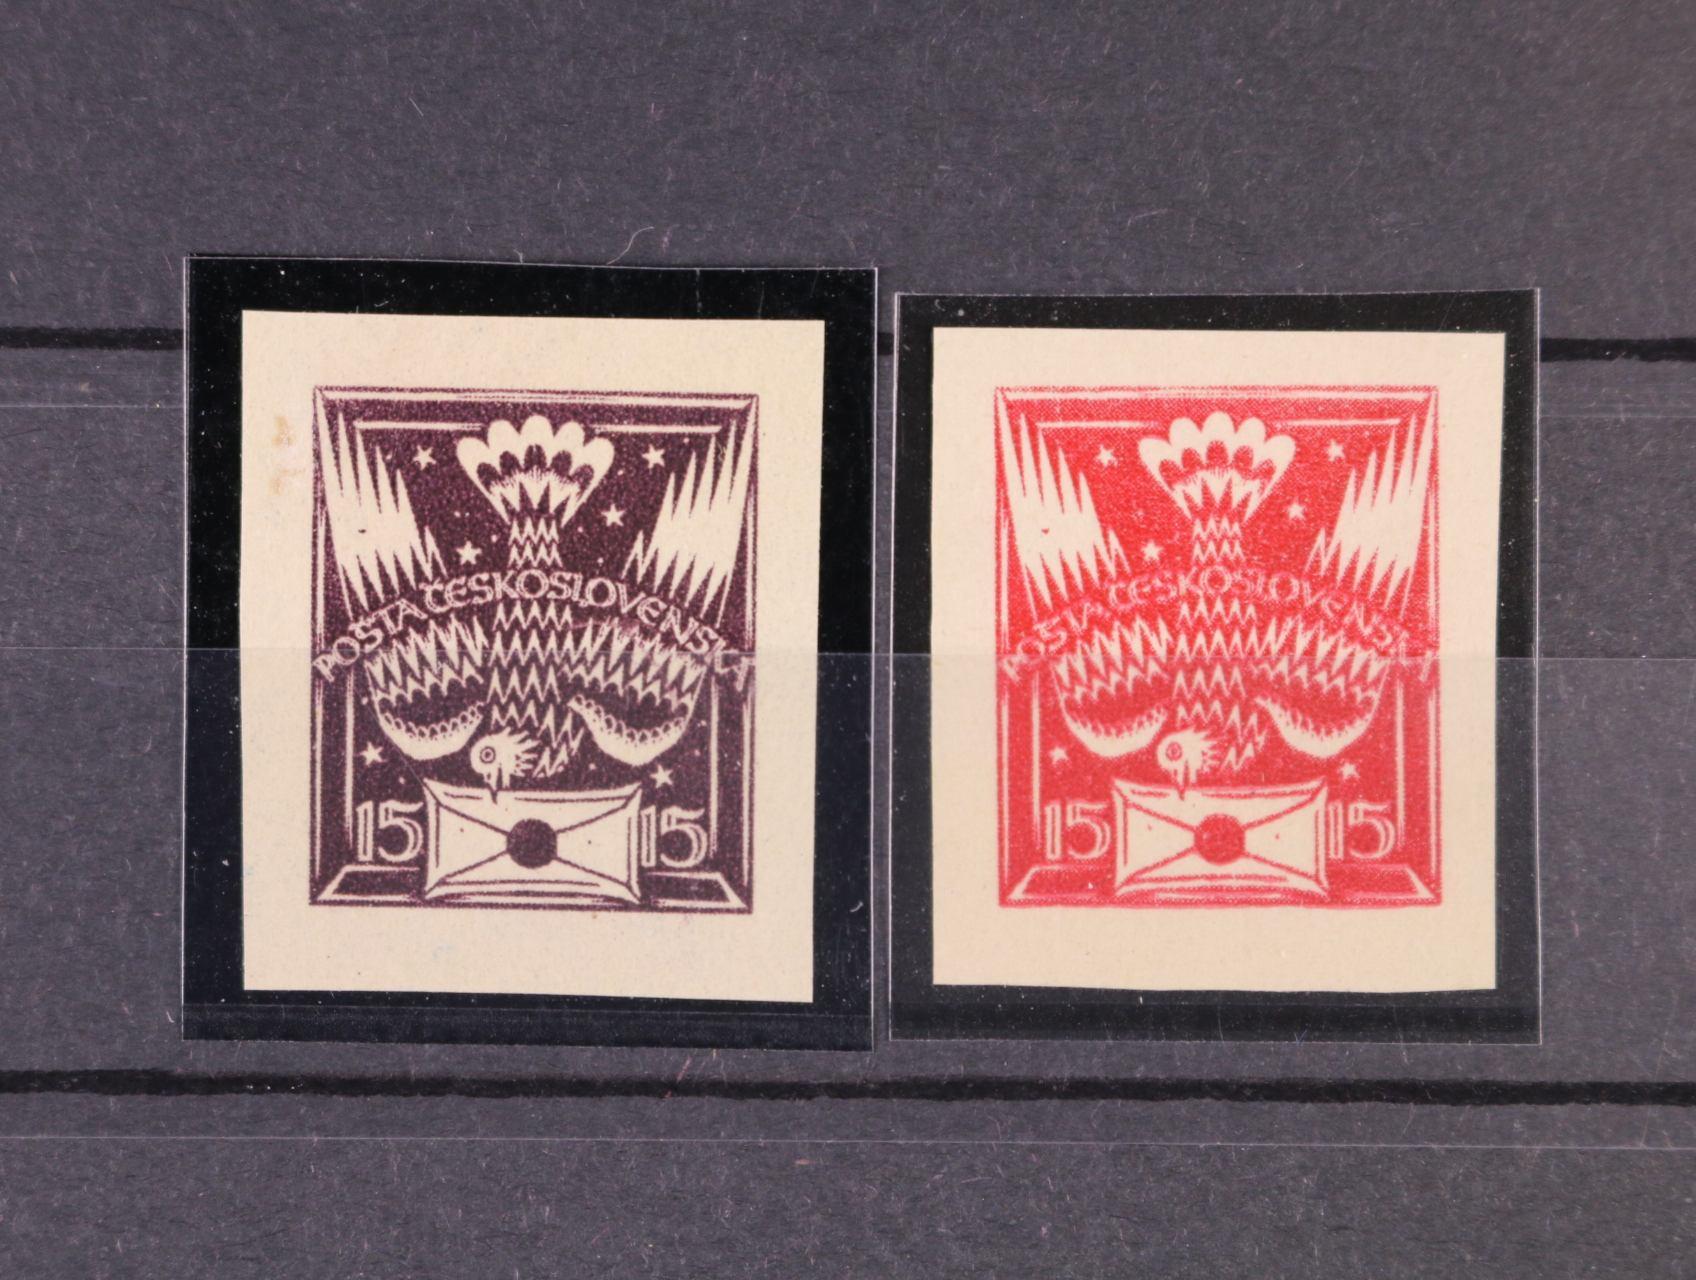 ZT 15h původní návrh s šesti hvězdičkami v pozadí v barvě fialové a tmavě červené, zk. Vrba